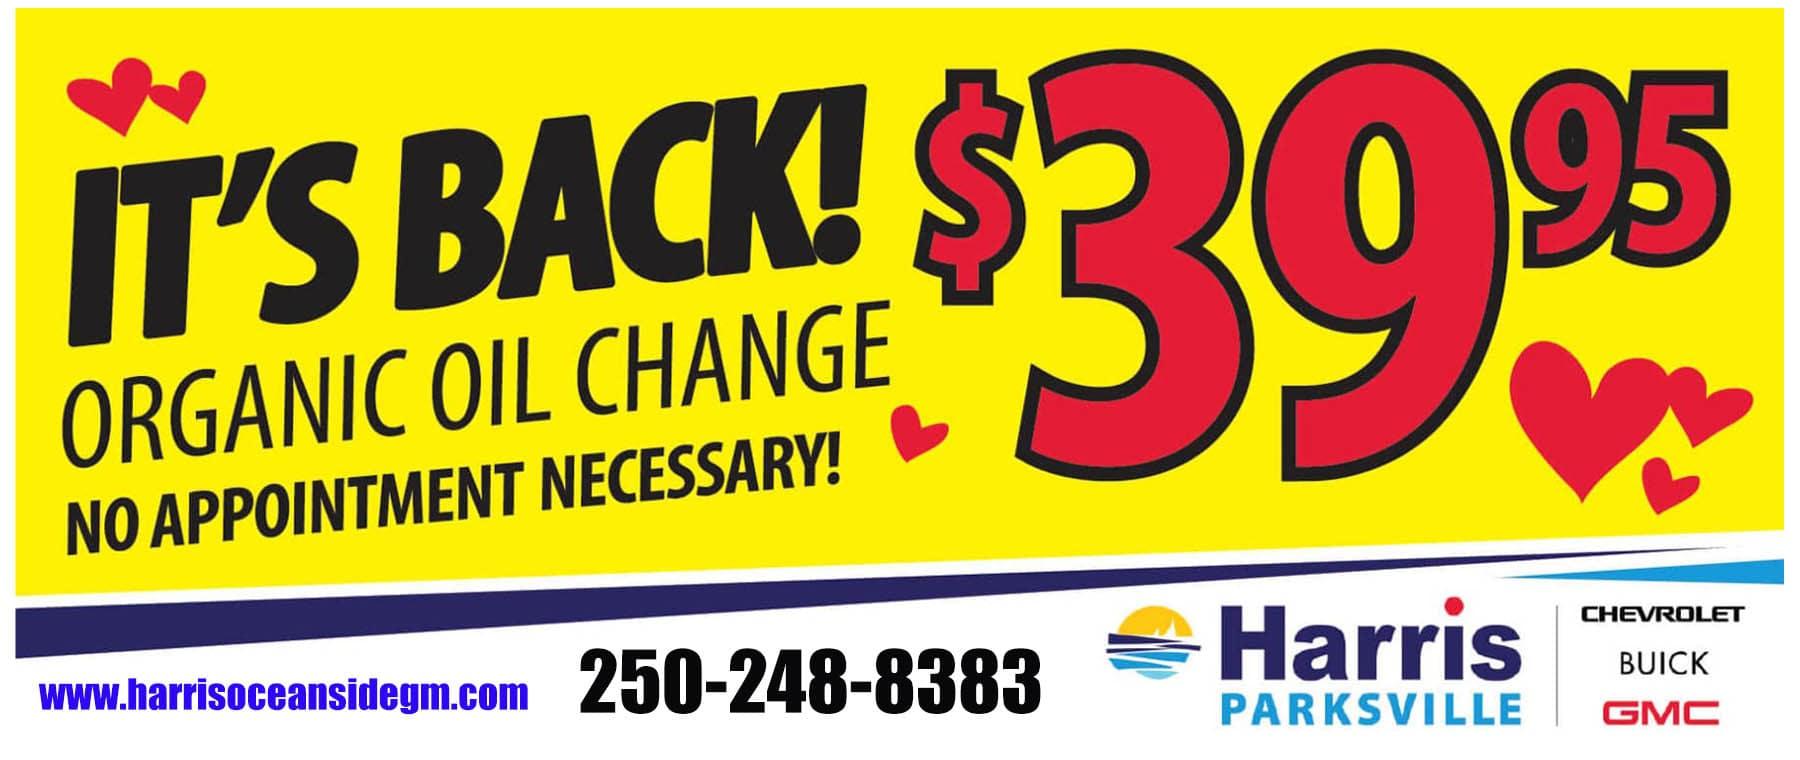 3995 Oil Change Harris (1)